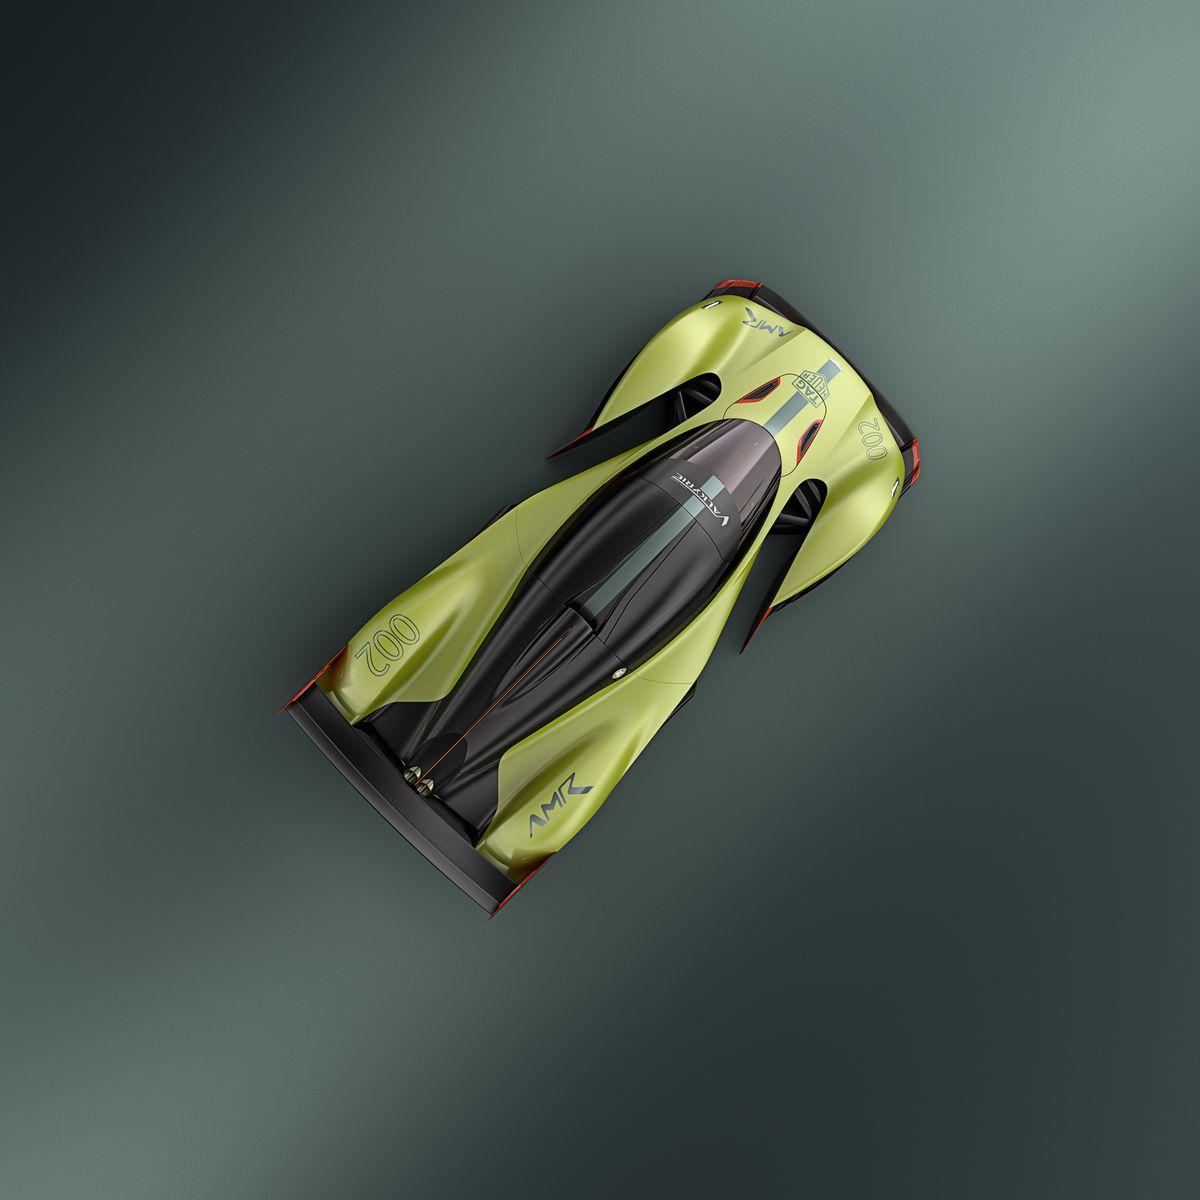 Aston Martin Valkyrie Rear: Aston Martin's New Hypercar Is An 1,100 Horsepower Asphalt